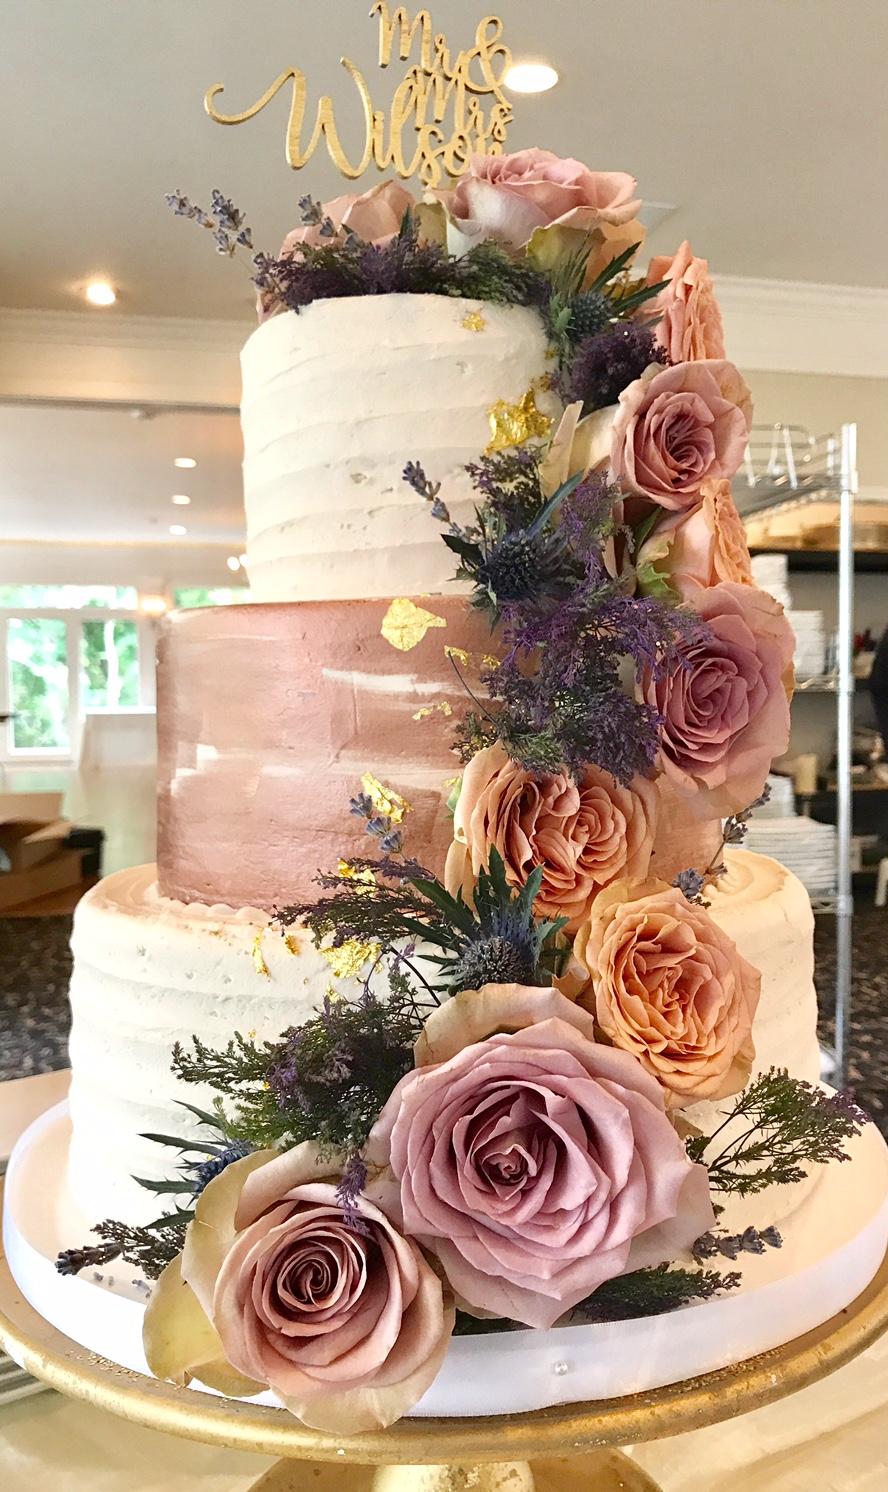 Award-Winning Marble Birthday Cake